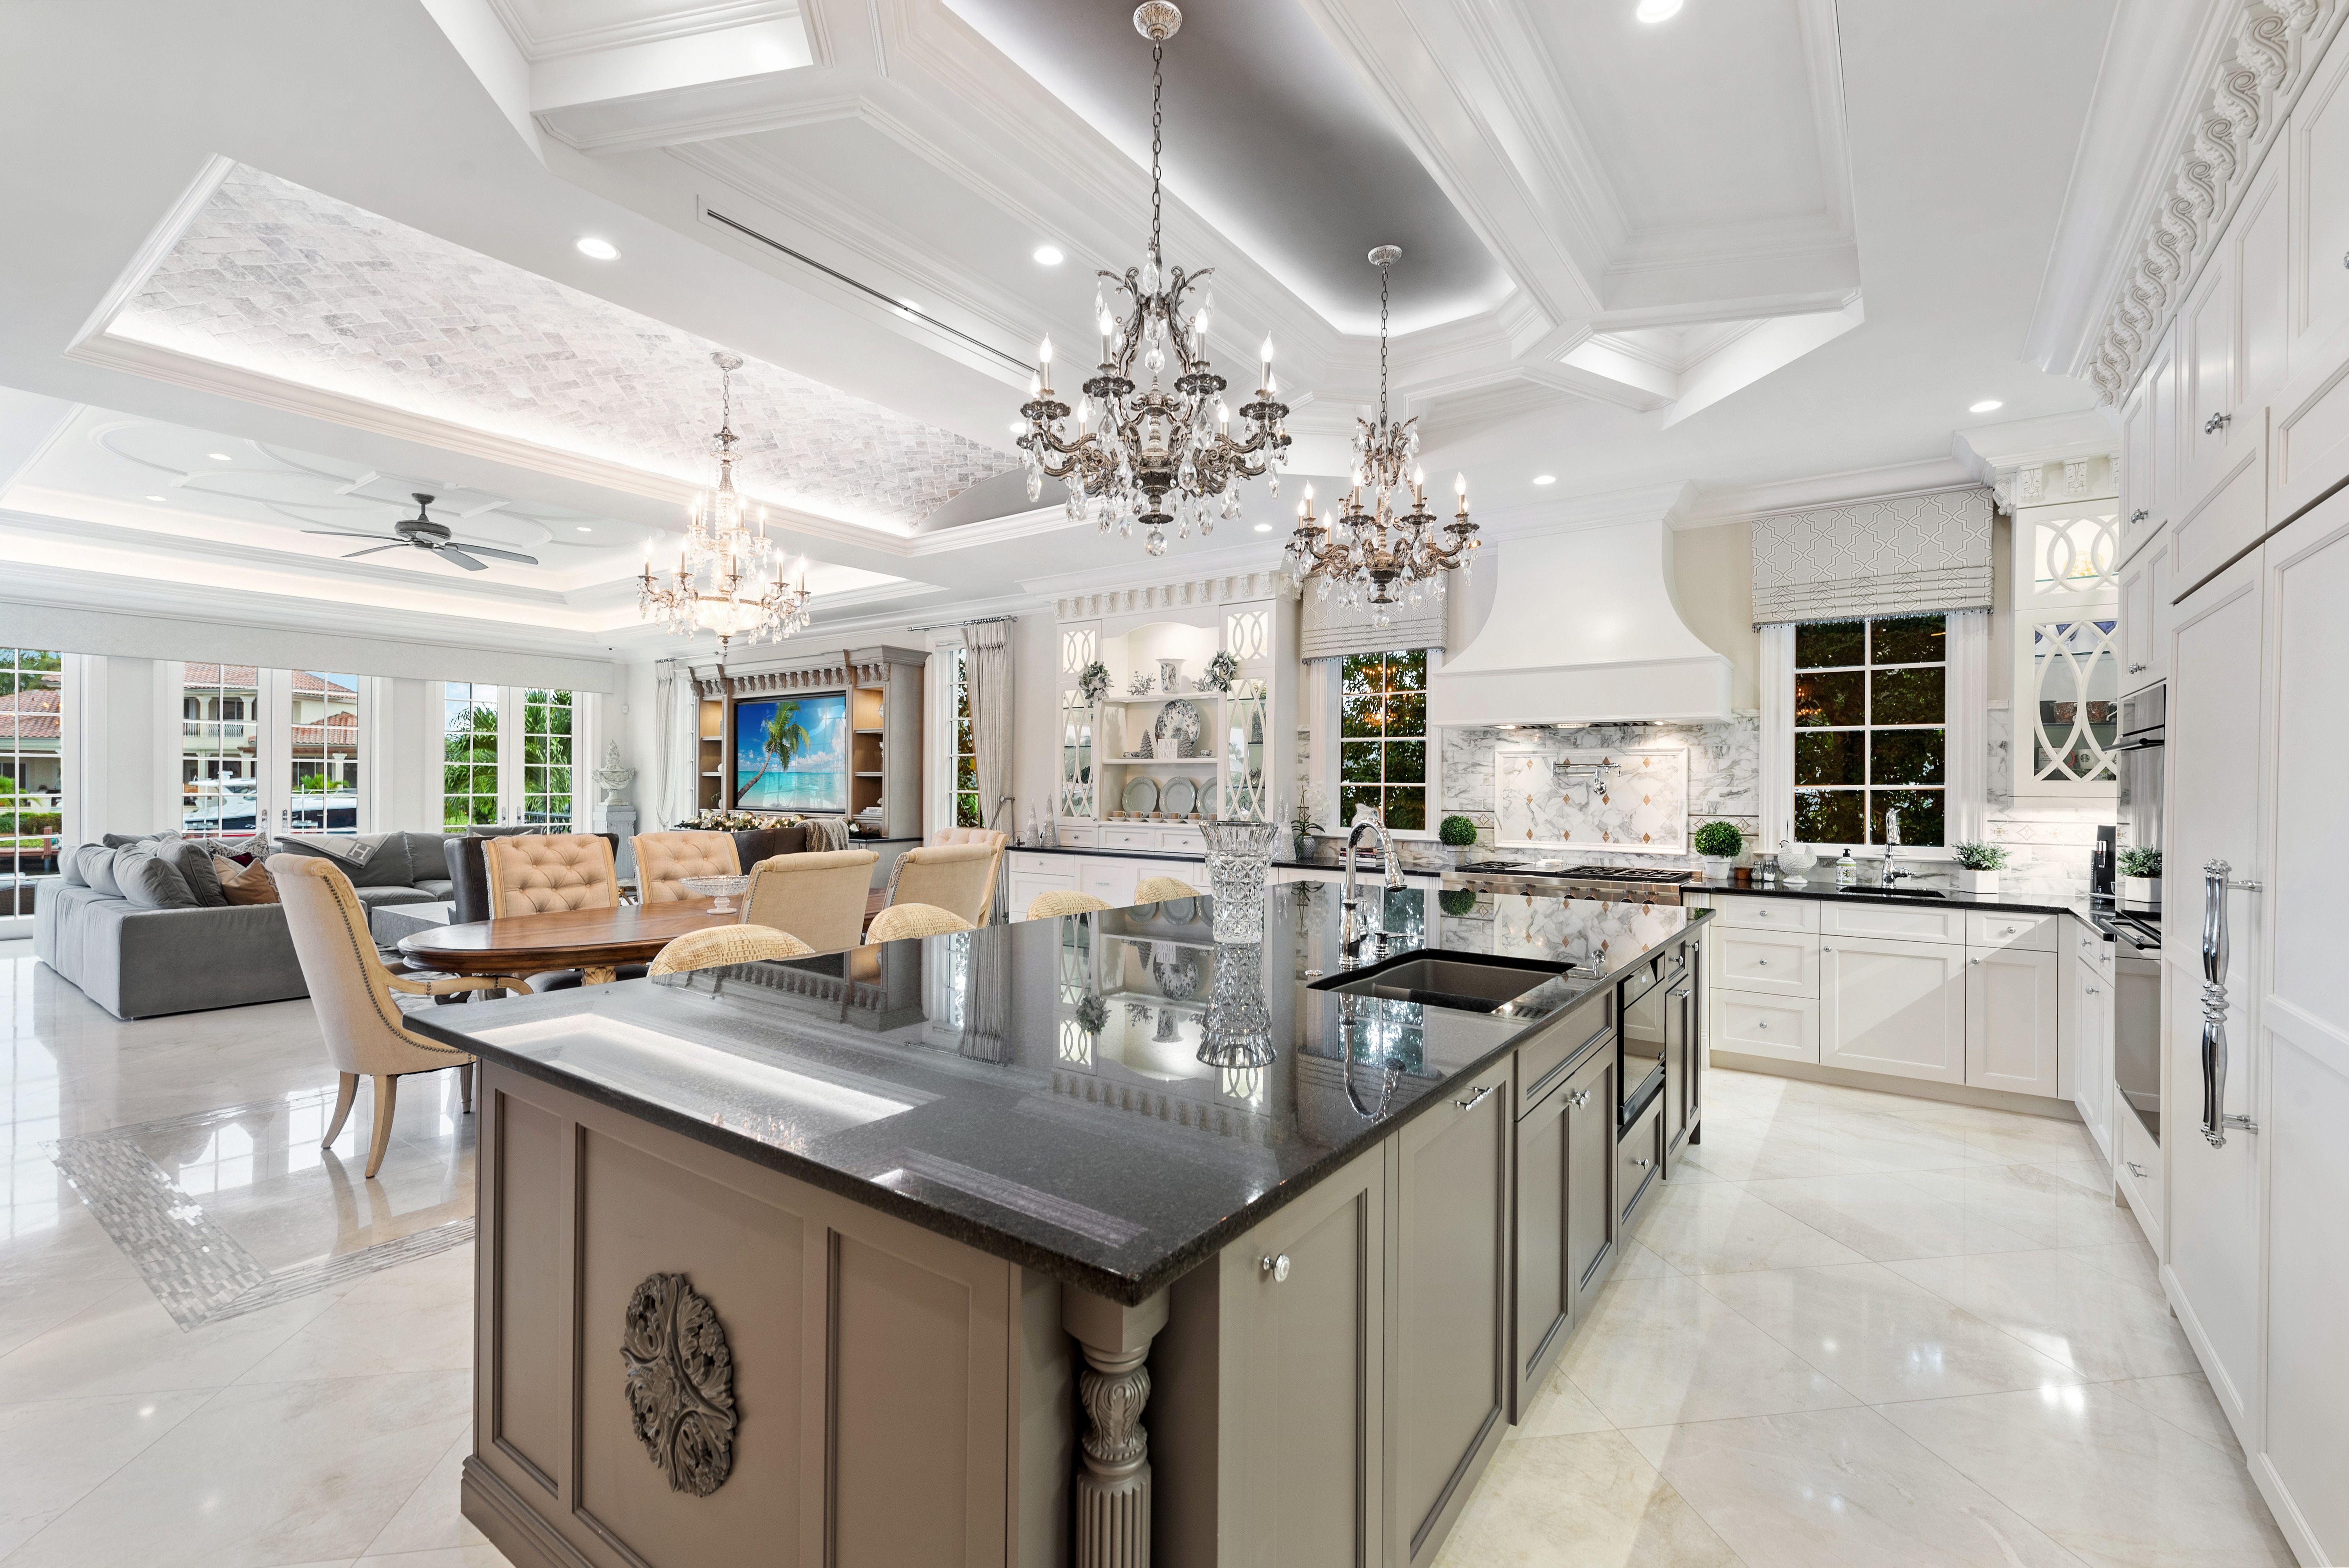 Florida Kitchen Designed By Kitchensforliving Holidaykitchens Brendandonovancabinets Kitchen And Bath Design Kitchen Design Home Decor